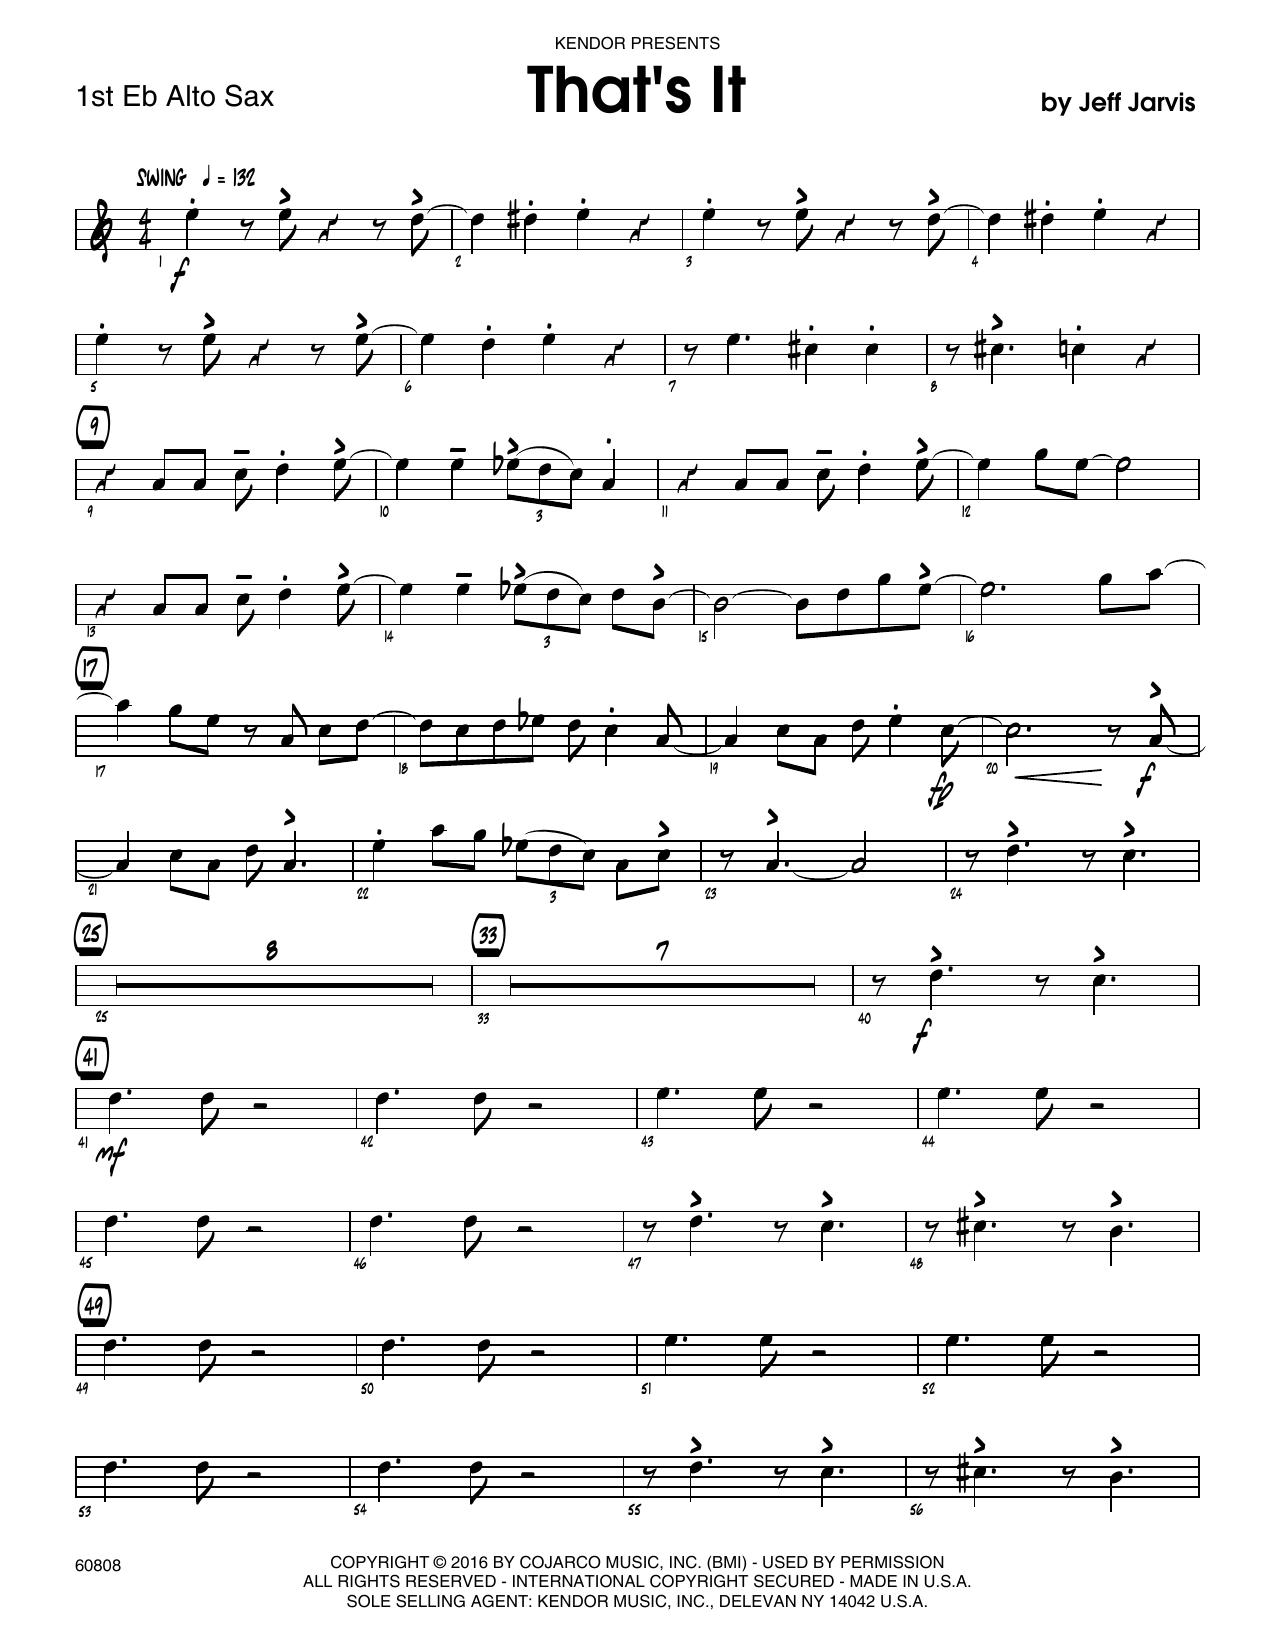 That's It - 1st Eb Alto Saxophone Sheet Music